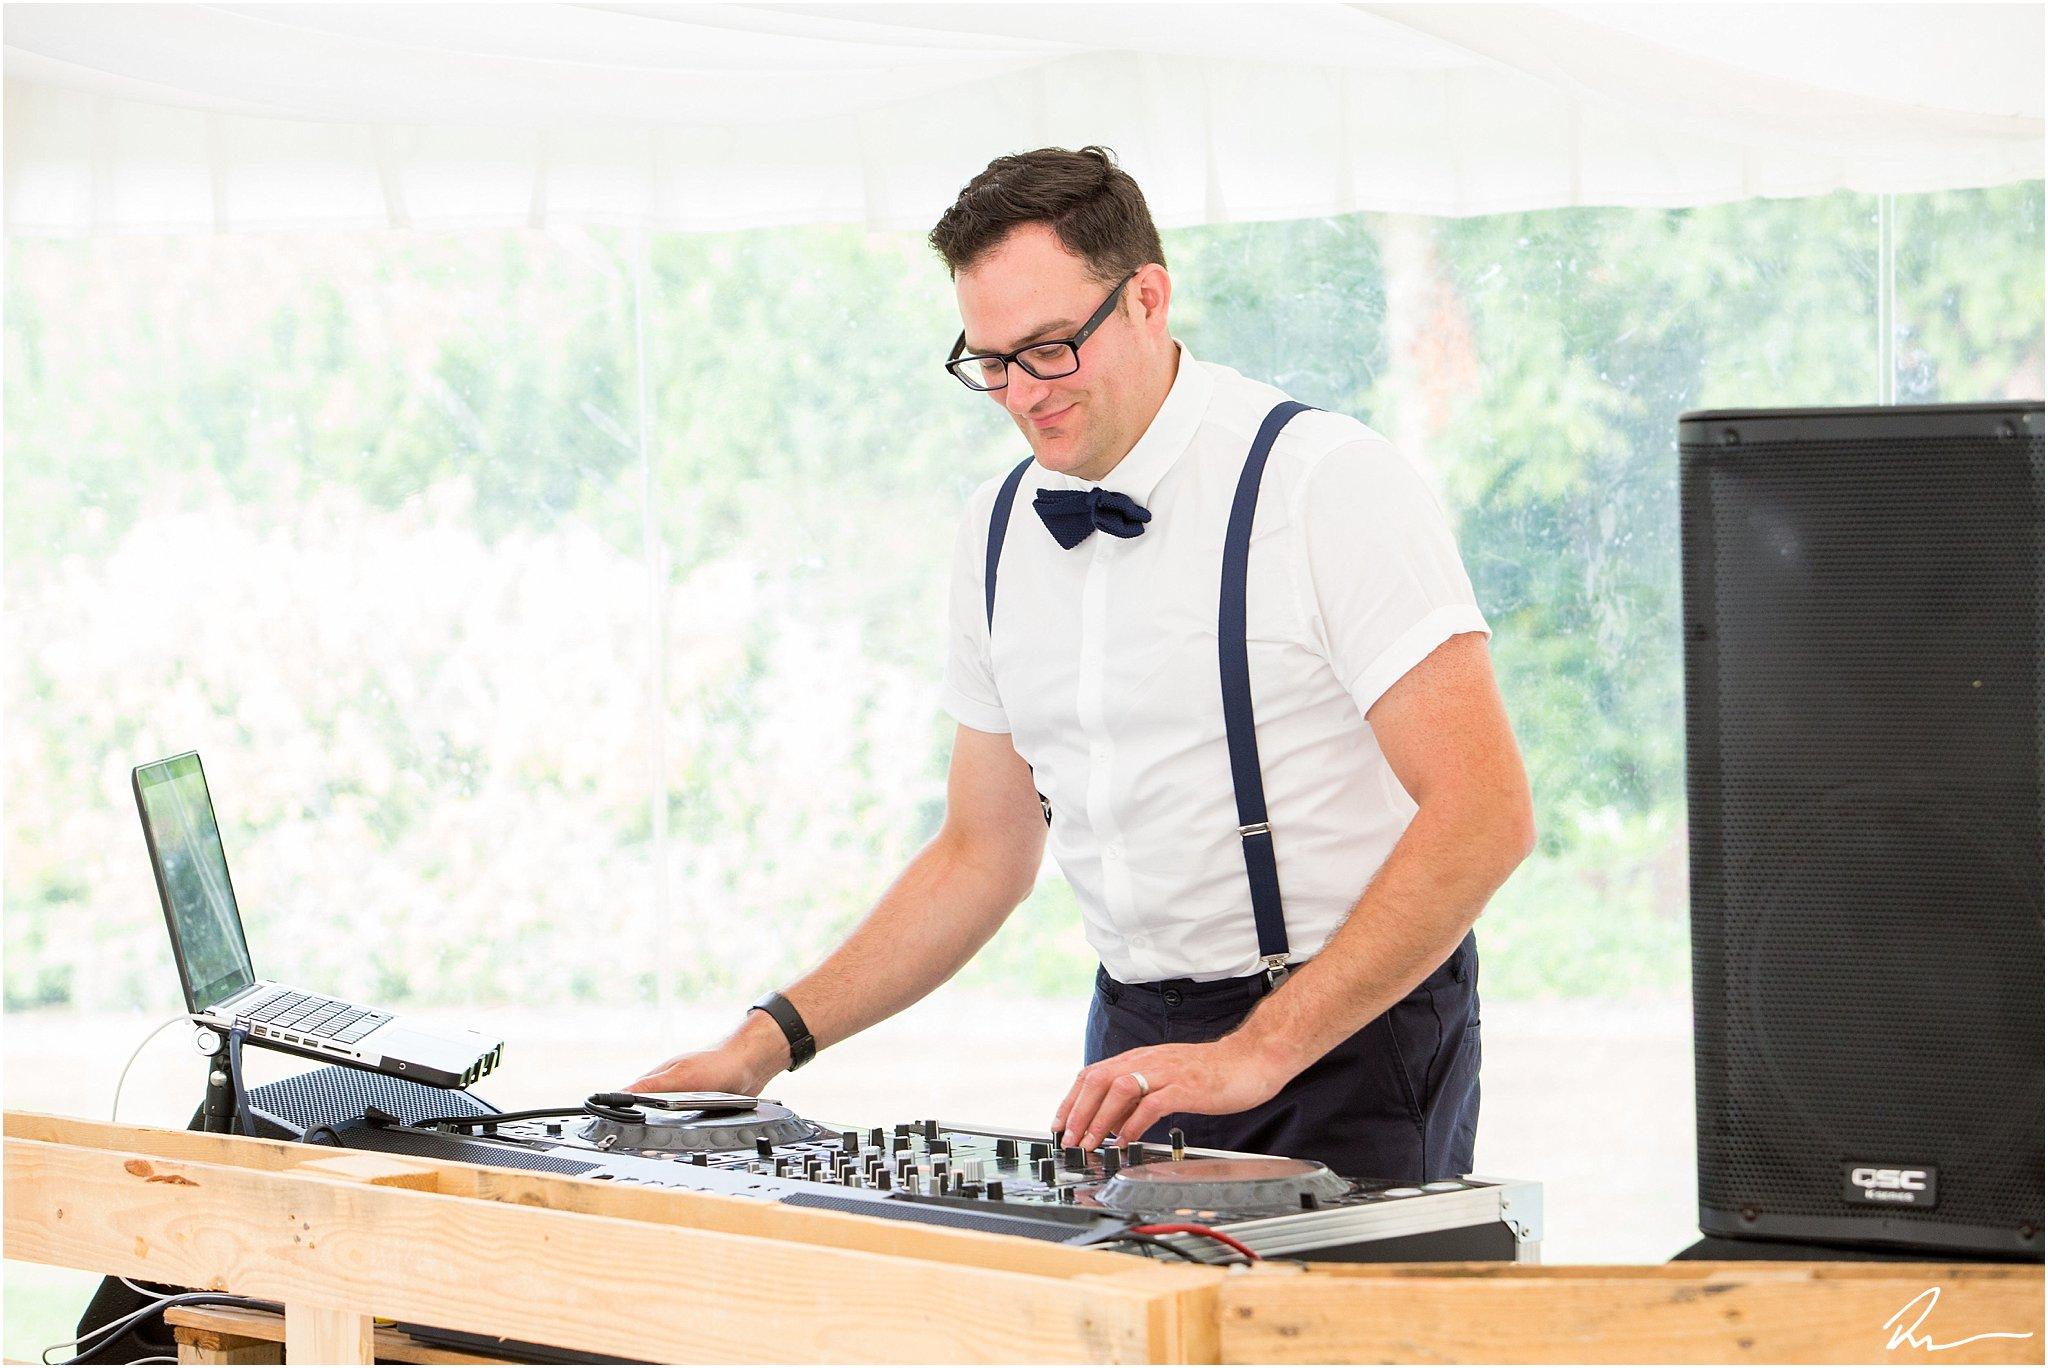 wedding-reception-dj-suffolk-ross-dean-photography